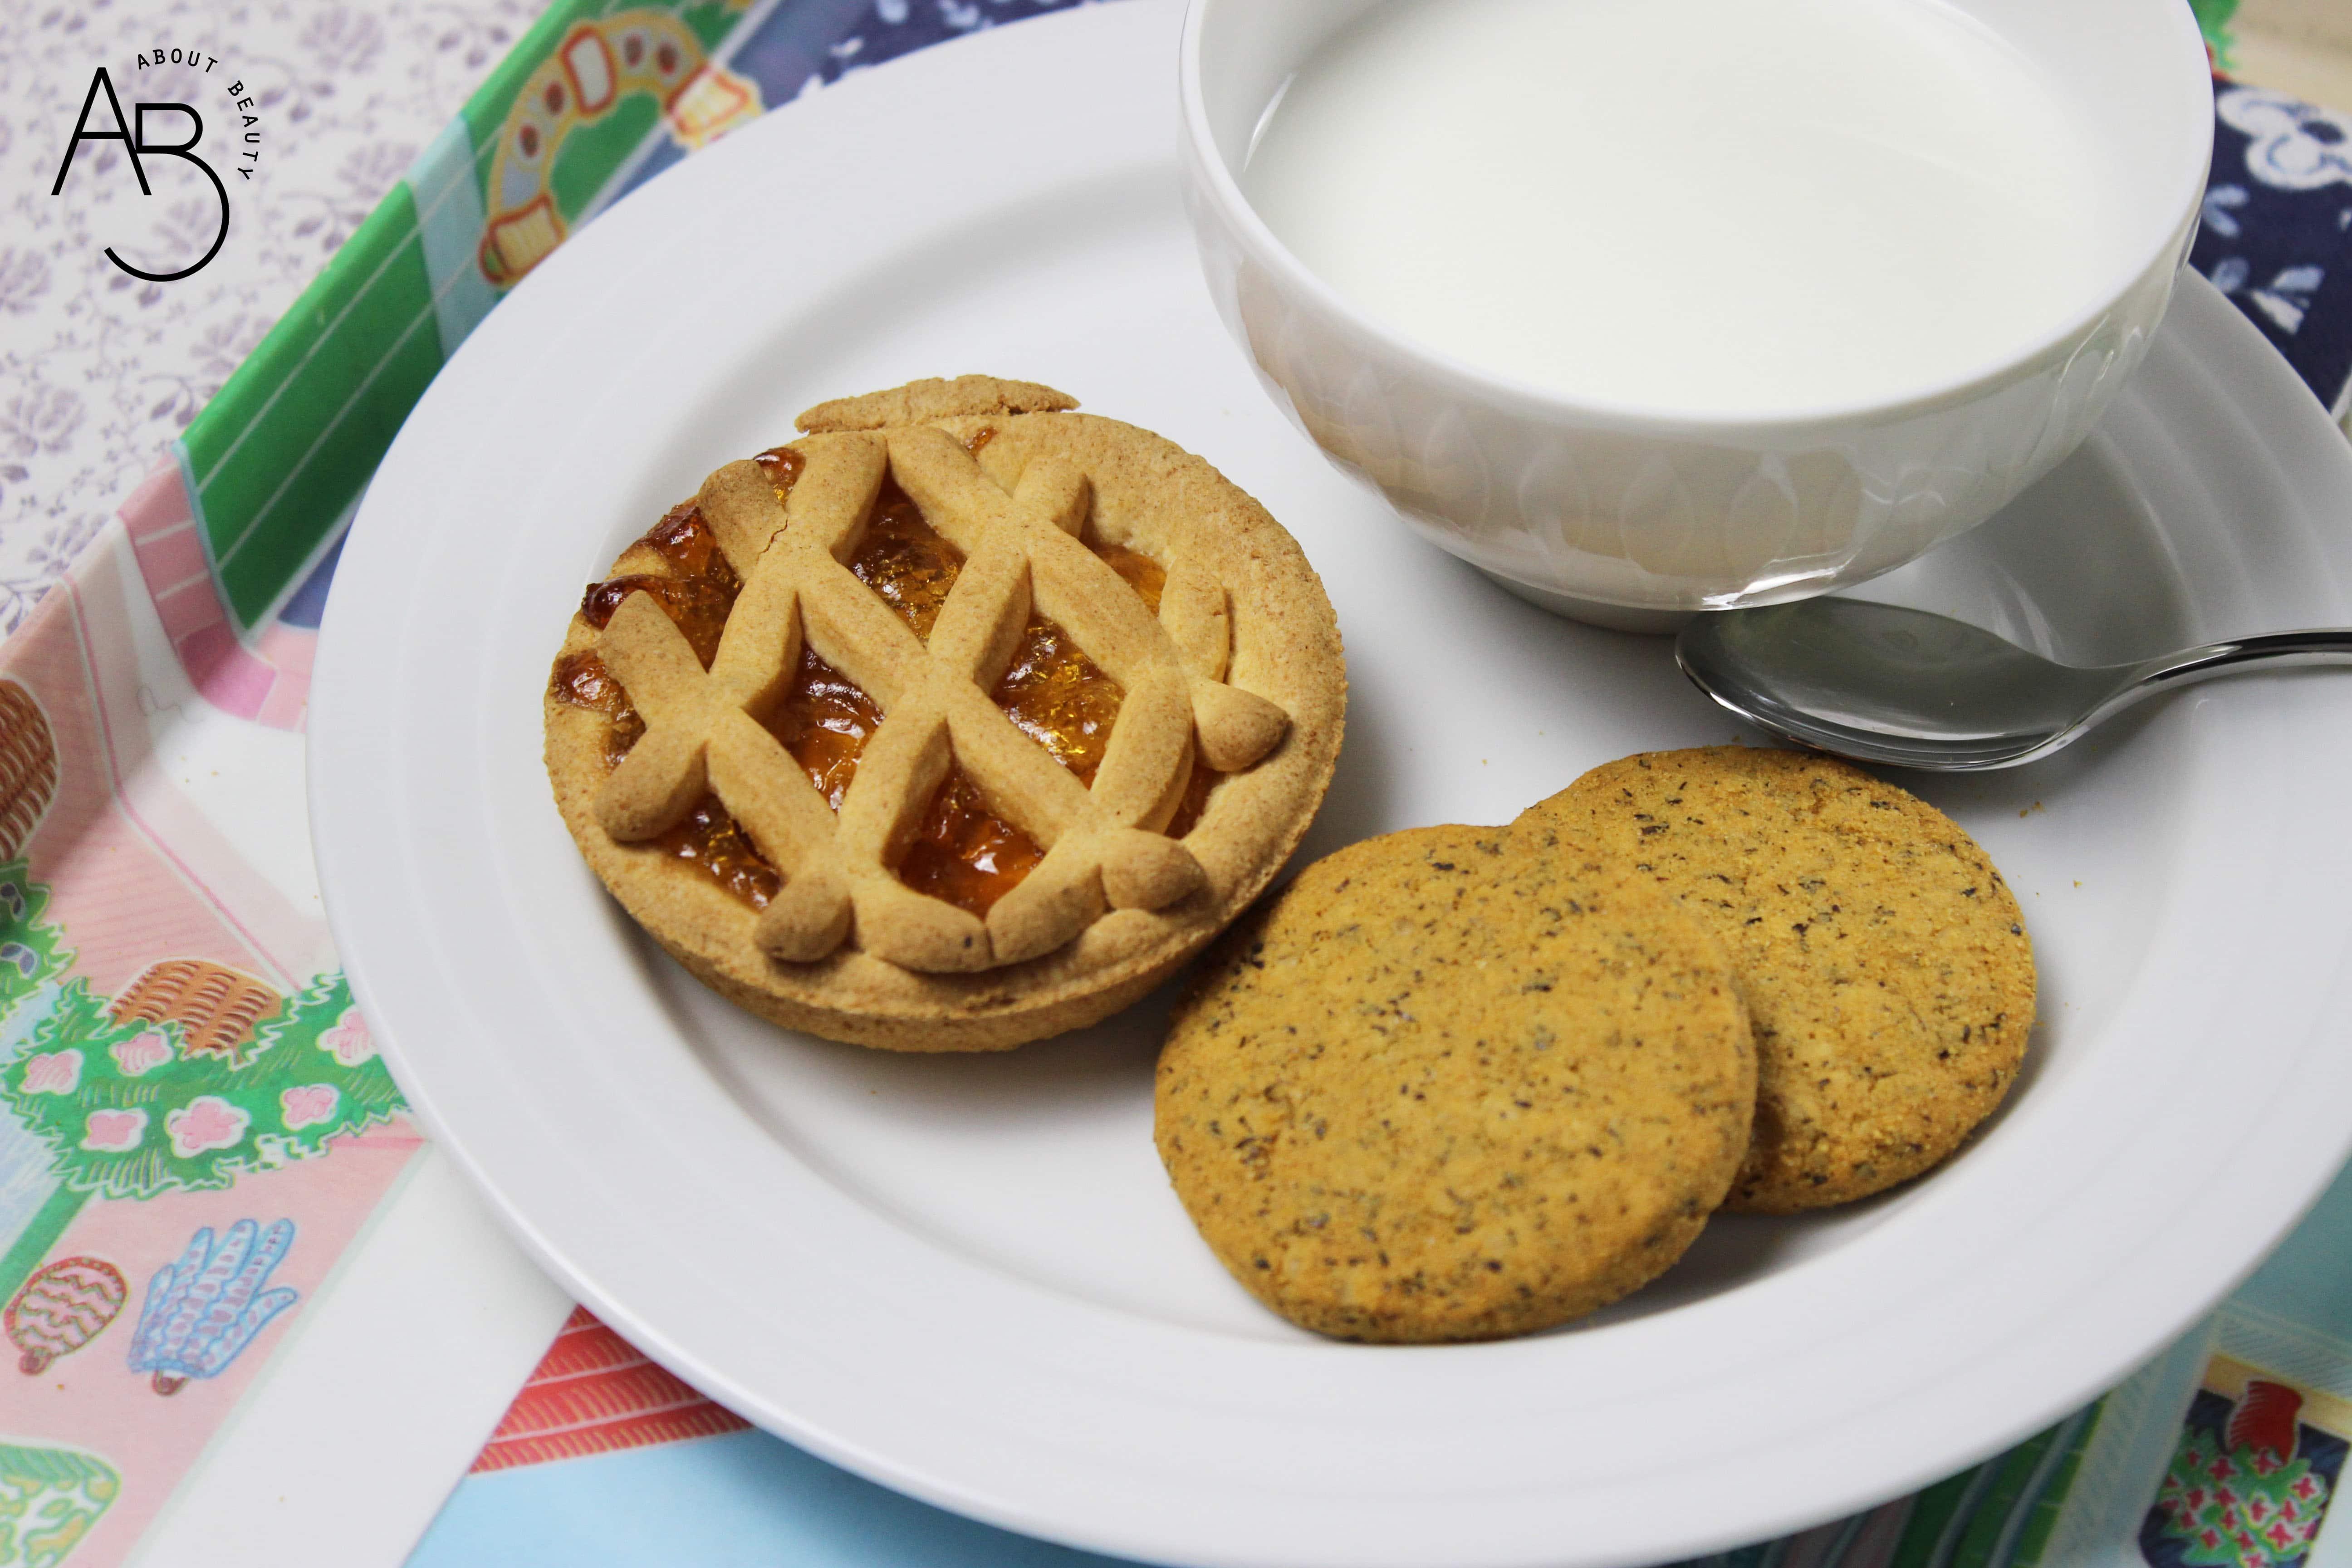 Giusto Senza Glutine - Cibo senza glutine per celiaci - Info, opinioni, dove acquistare, prezzo, recensione, review, assortimento - Colazione